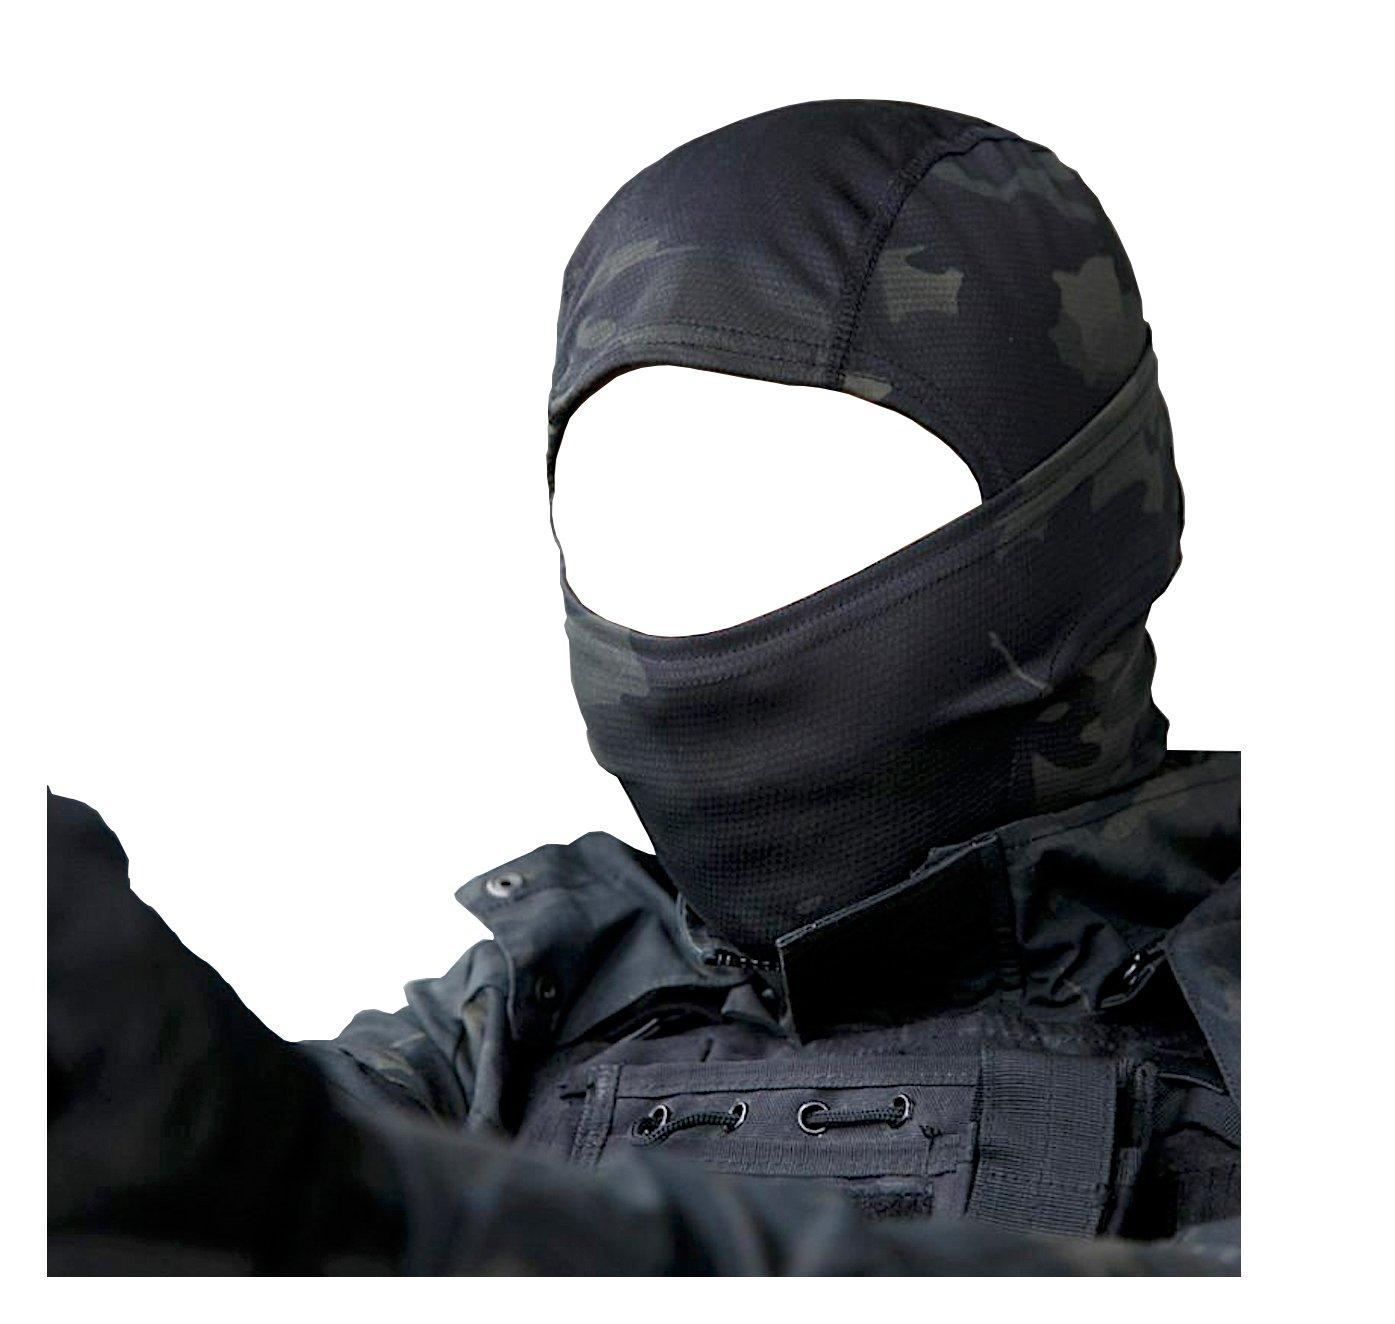 Blue BD, passamontagna, maschera da sci, passamontagna per motociclista, protezione per il viso, sport, attività ludico-sportive attività ludico-sportive BlueBD GmbH Unisex